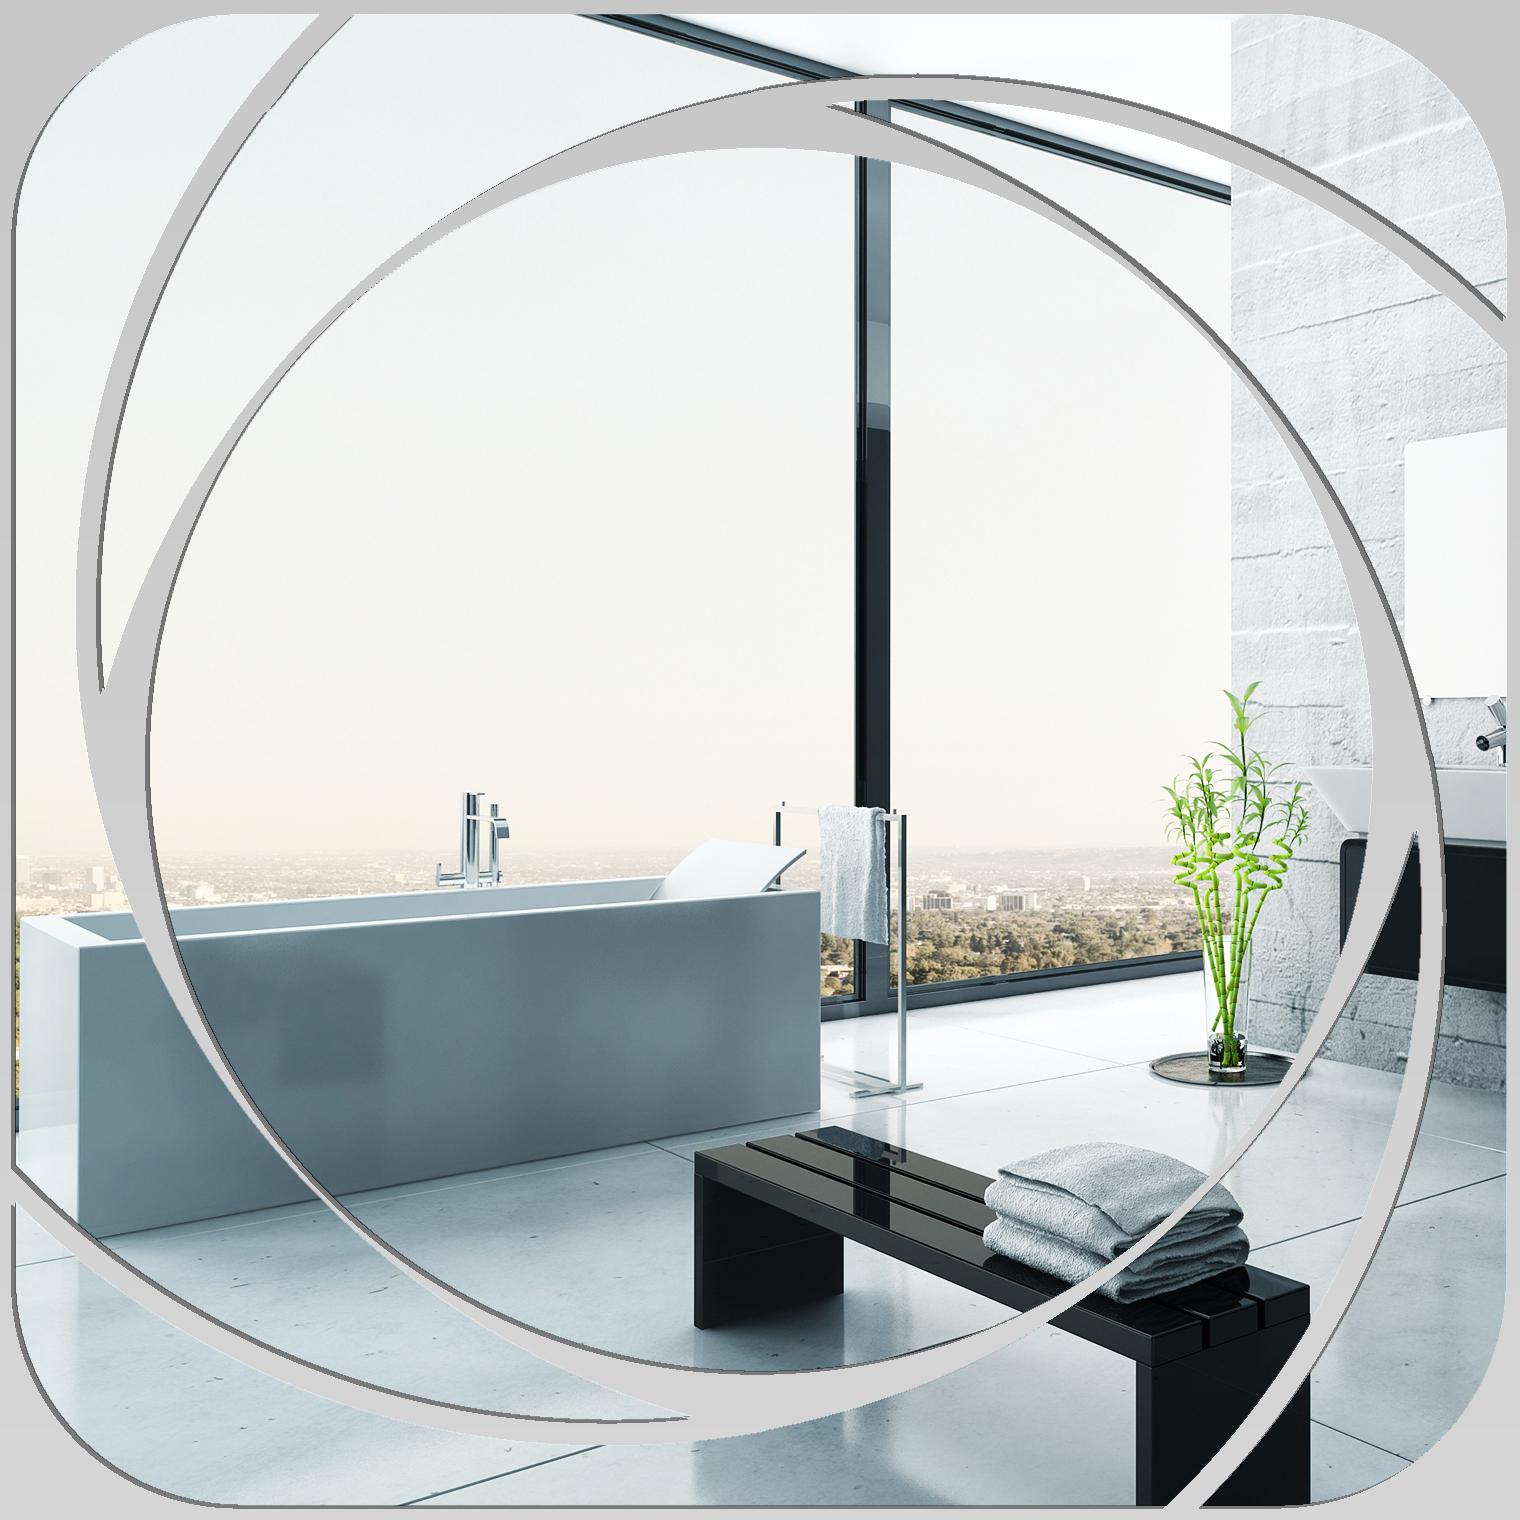 miroir plexiglass acrylique carr spirales 3 pas cher. Black Bedroom Furniture Sets. Home Design Ideas